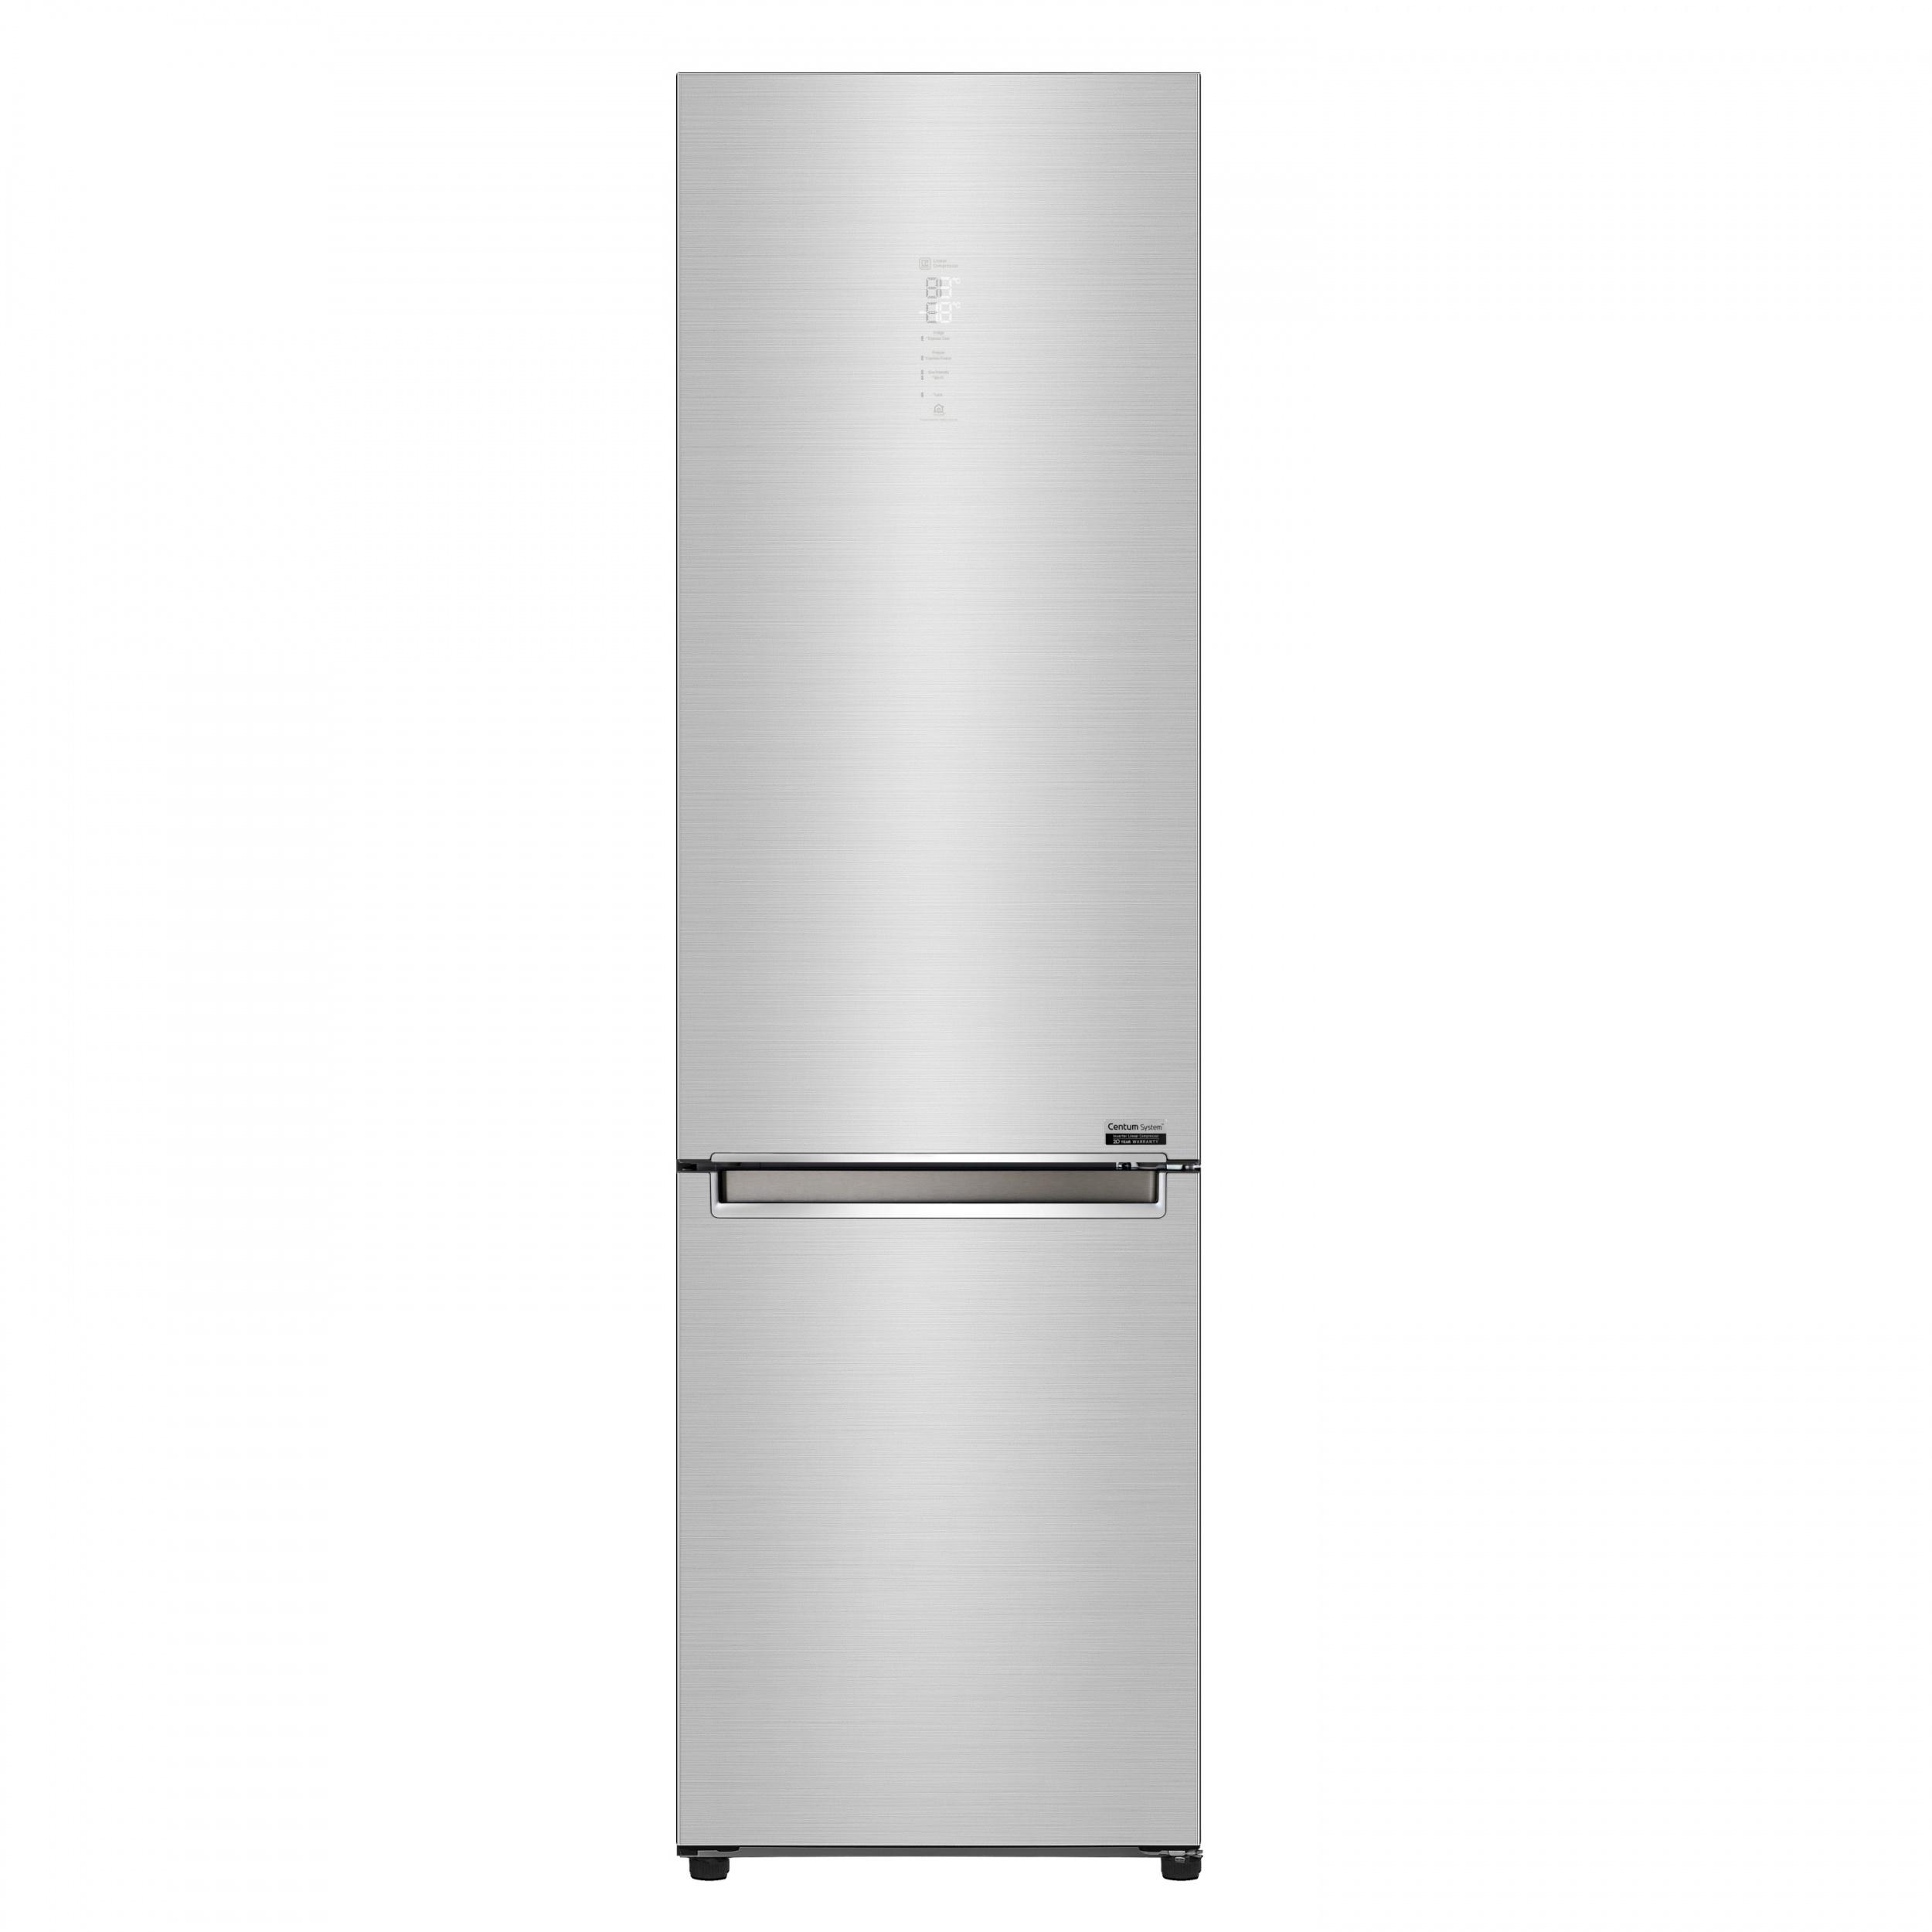 Hűtőszekrény kompresszor teljesítmény